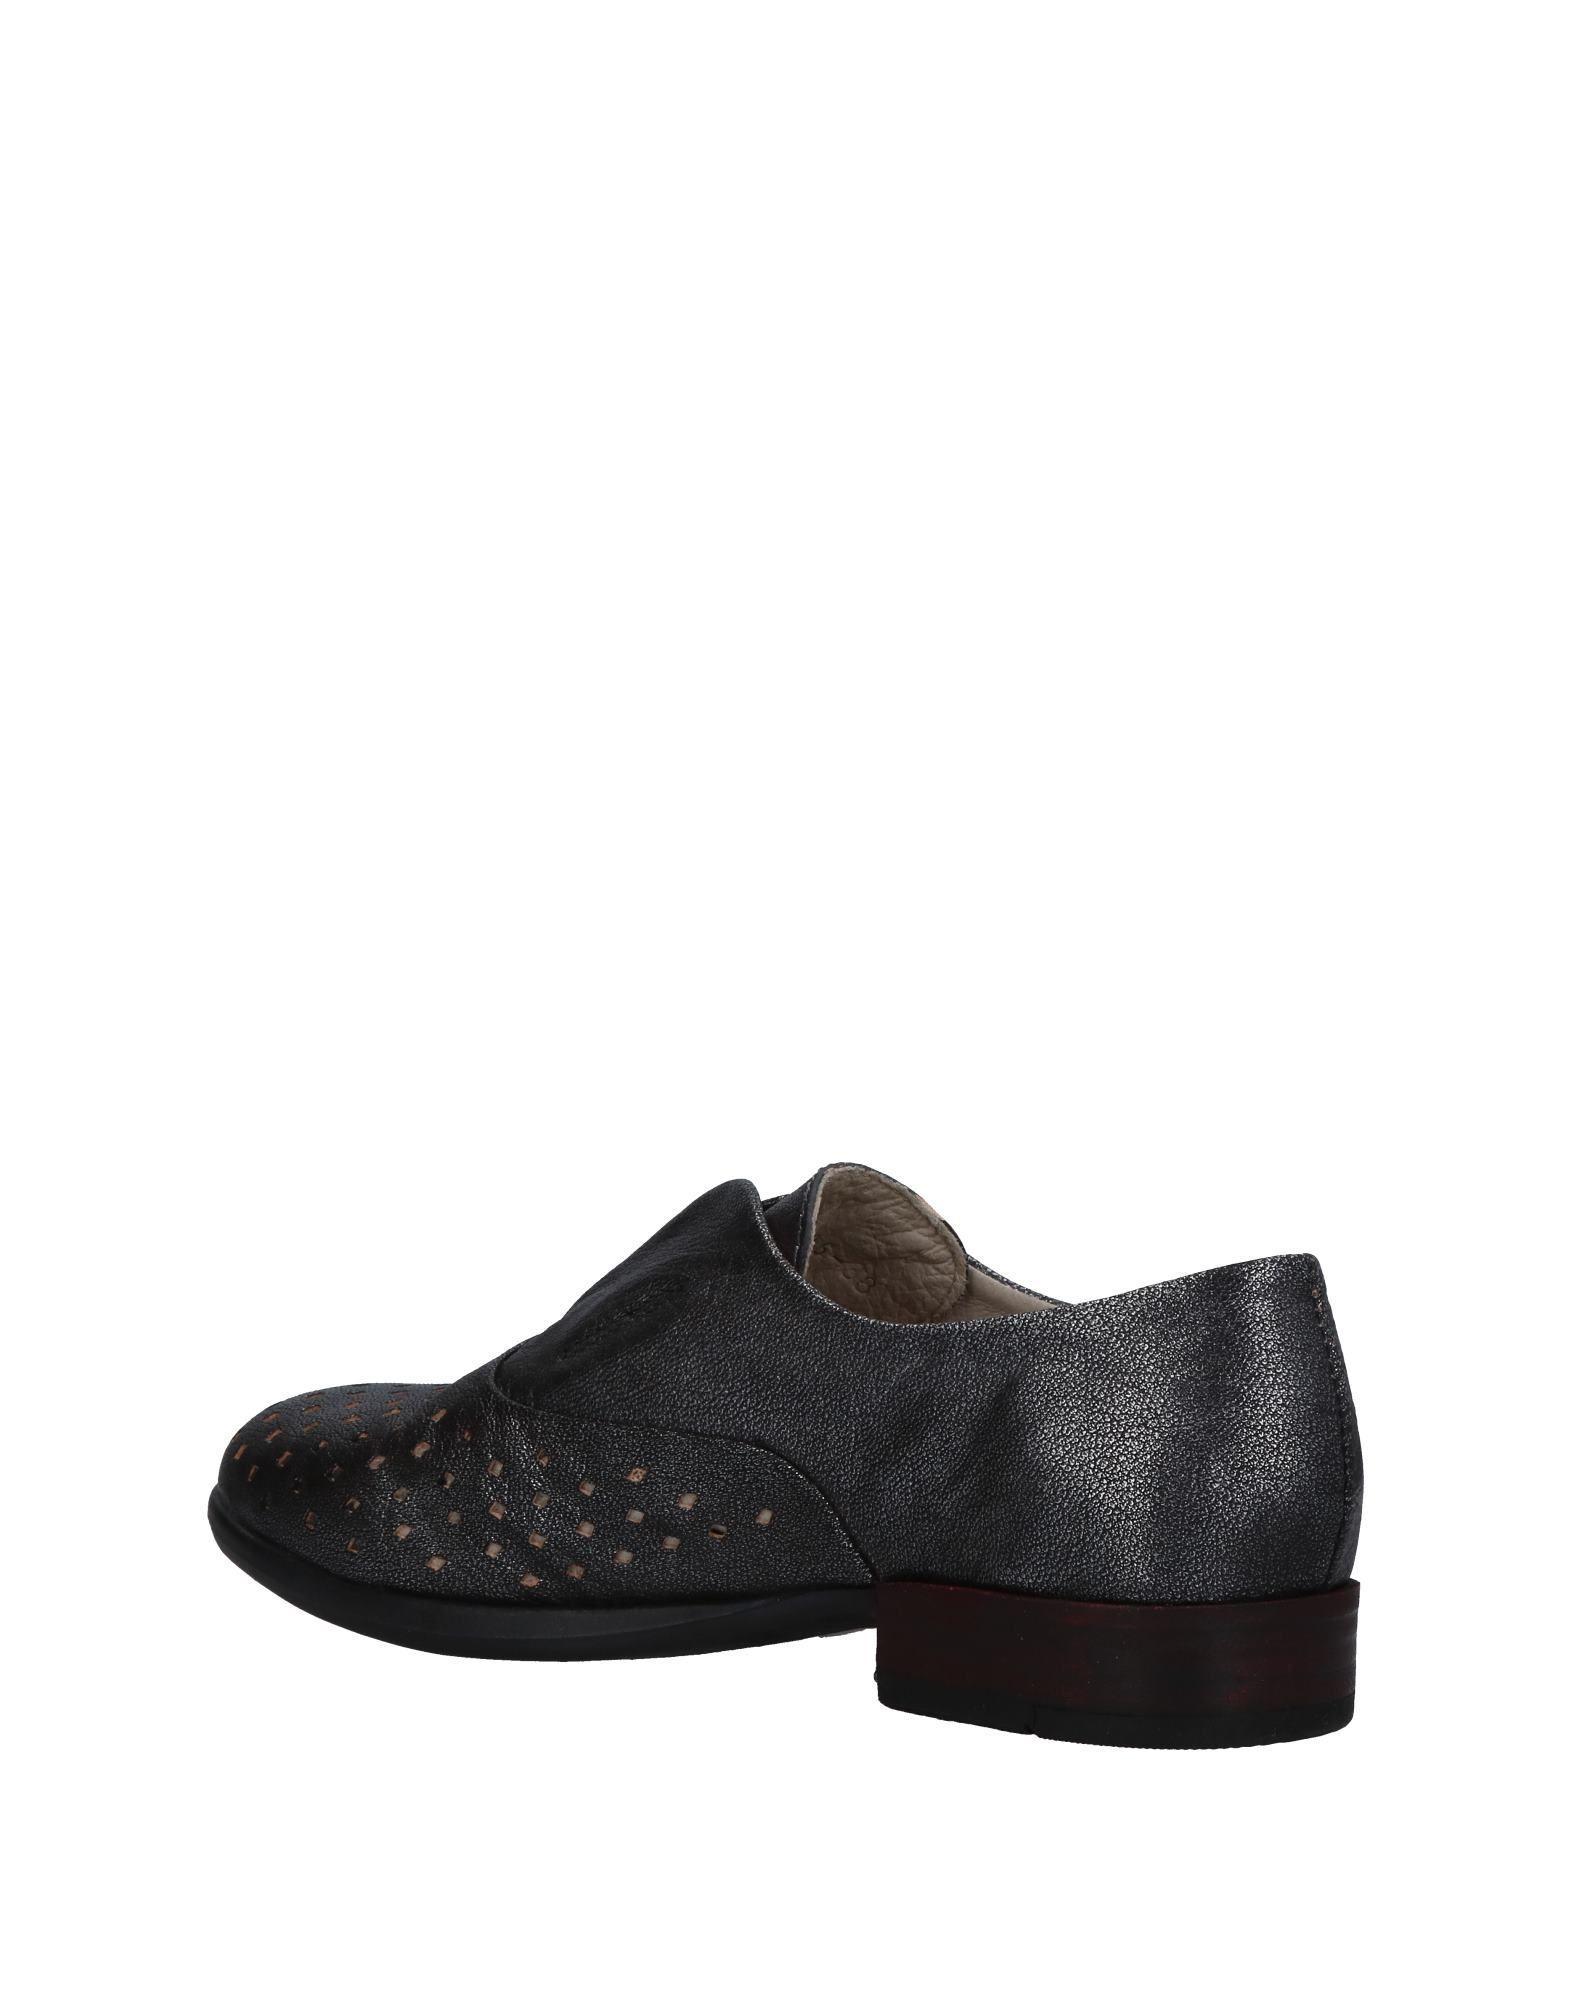 FOOTWEAR - Loafers on YOOX.COM Fabbrica Dei Colli Ygm6Ud1